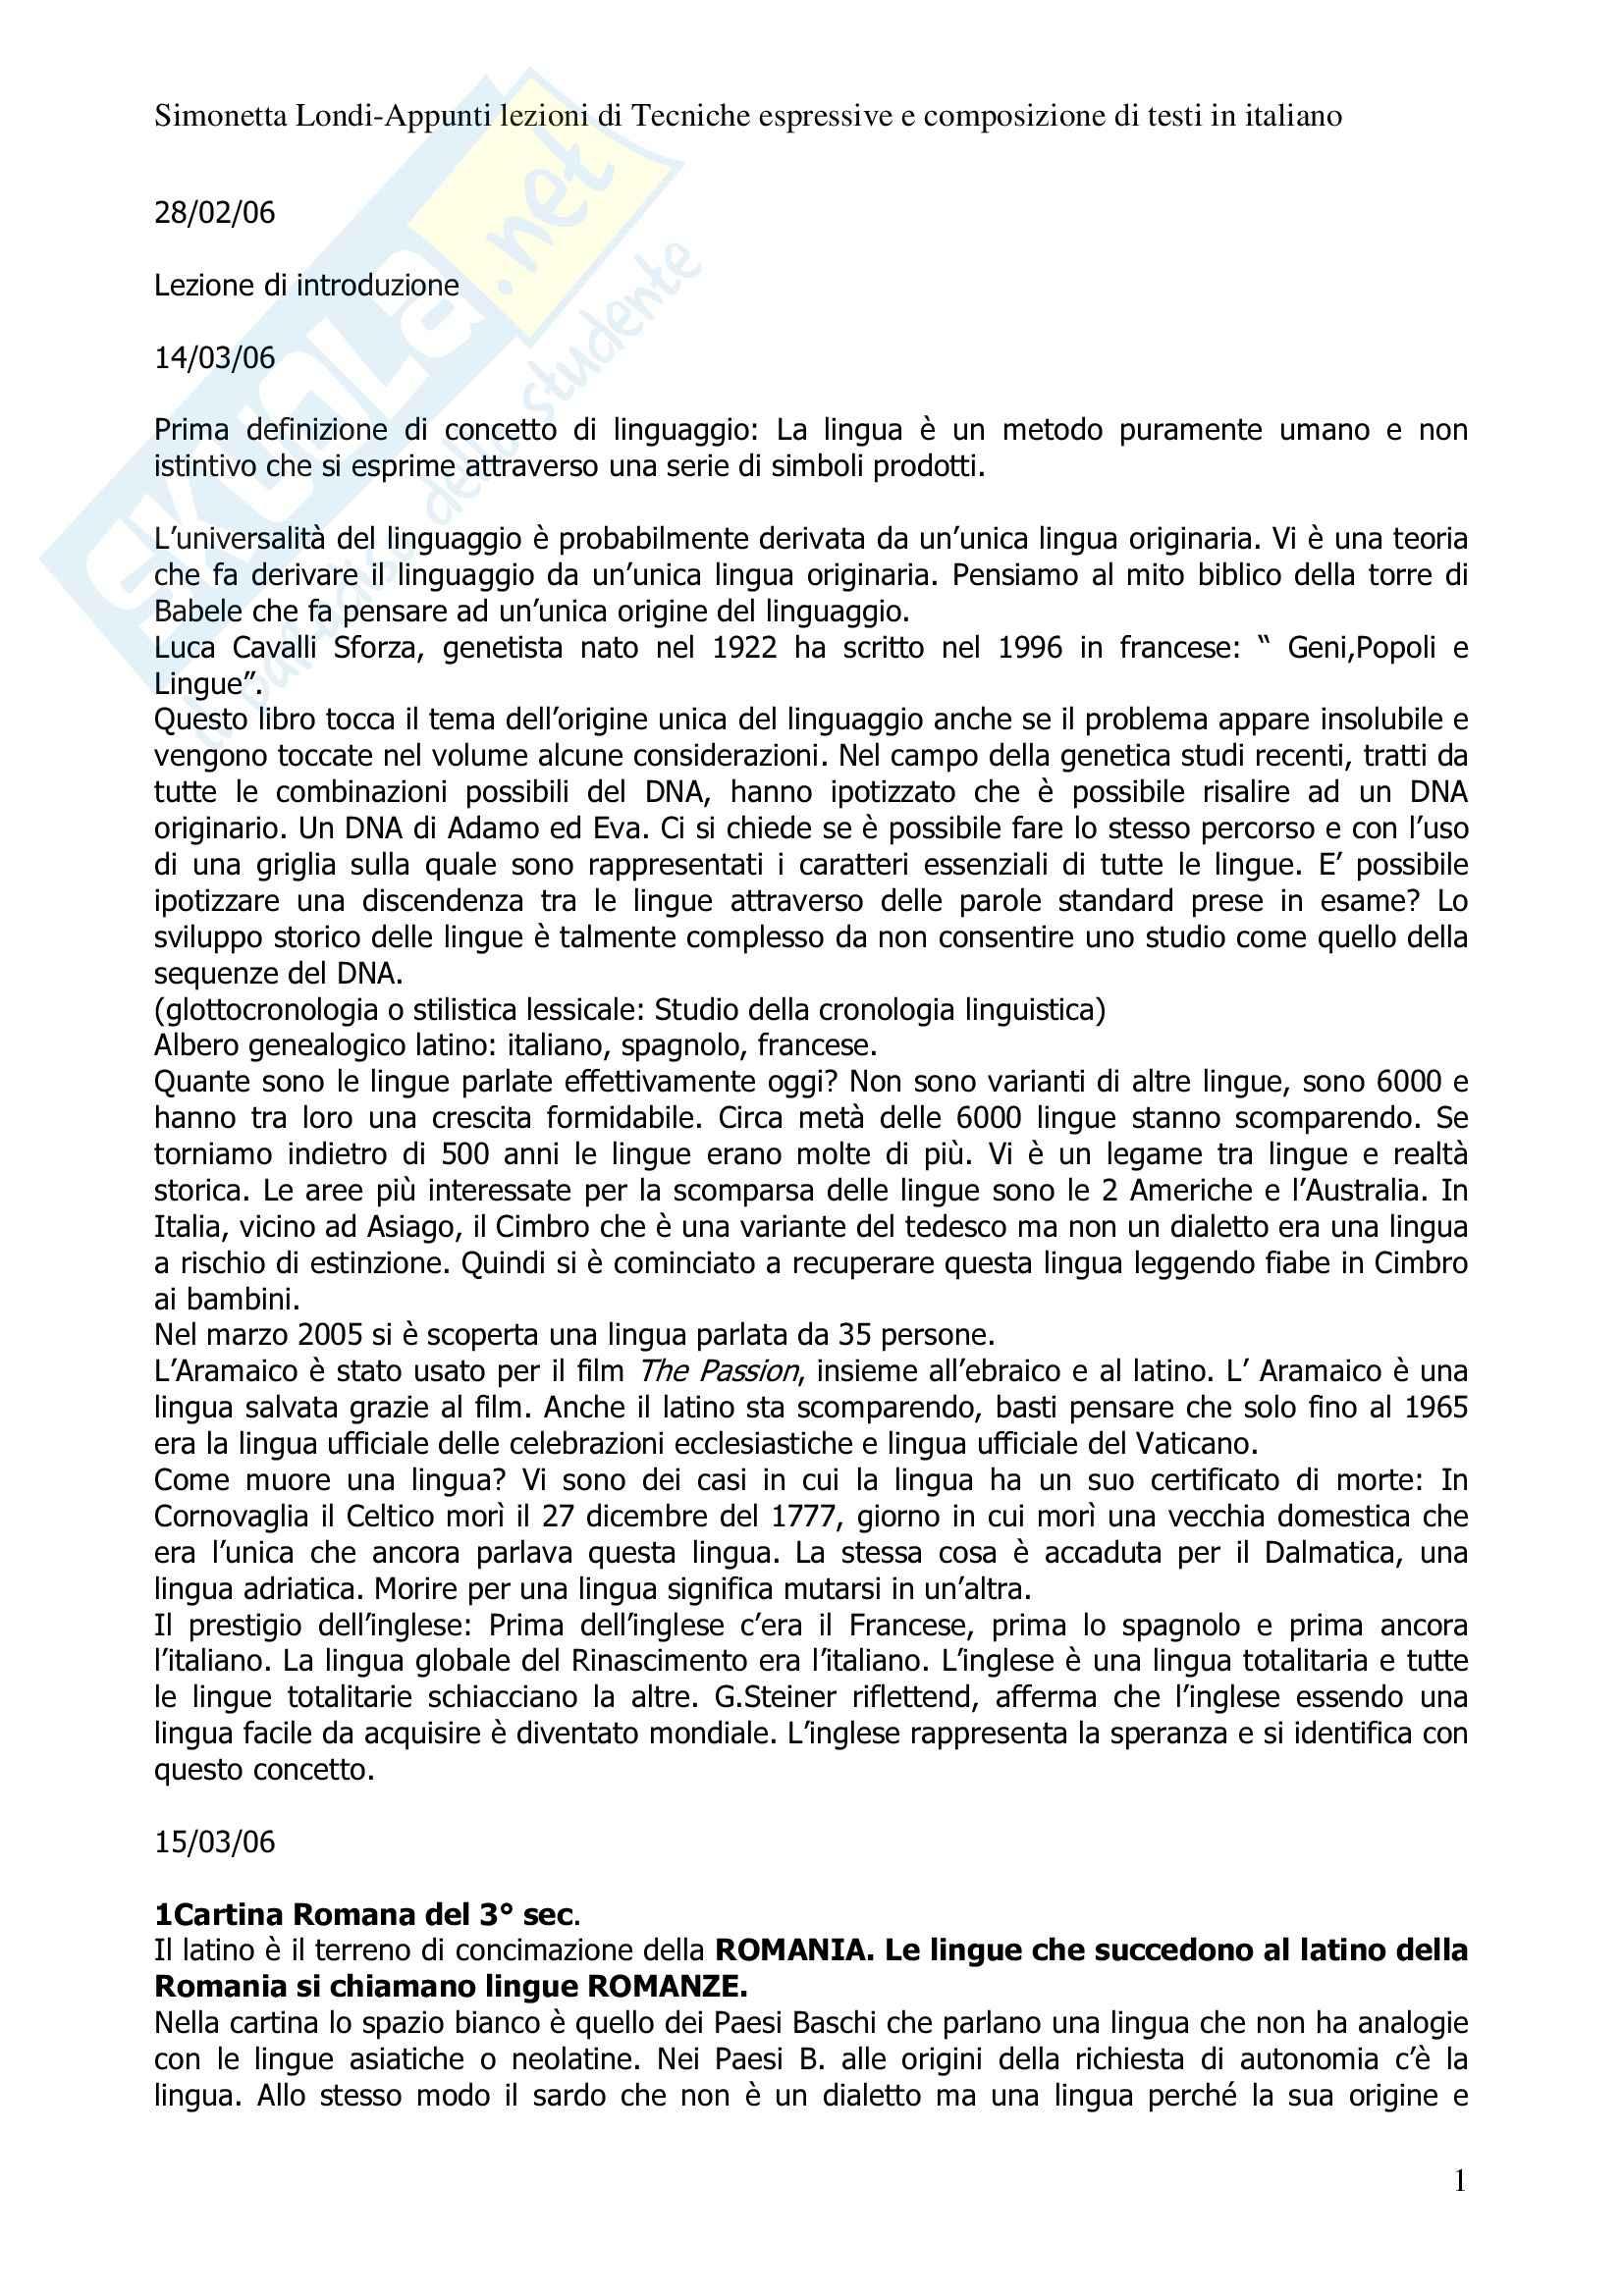 Tecniche espressive - sunto, prof. Bonvecchio